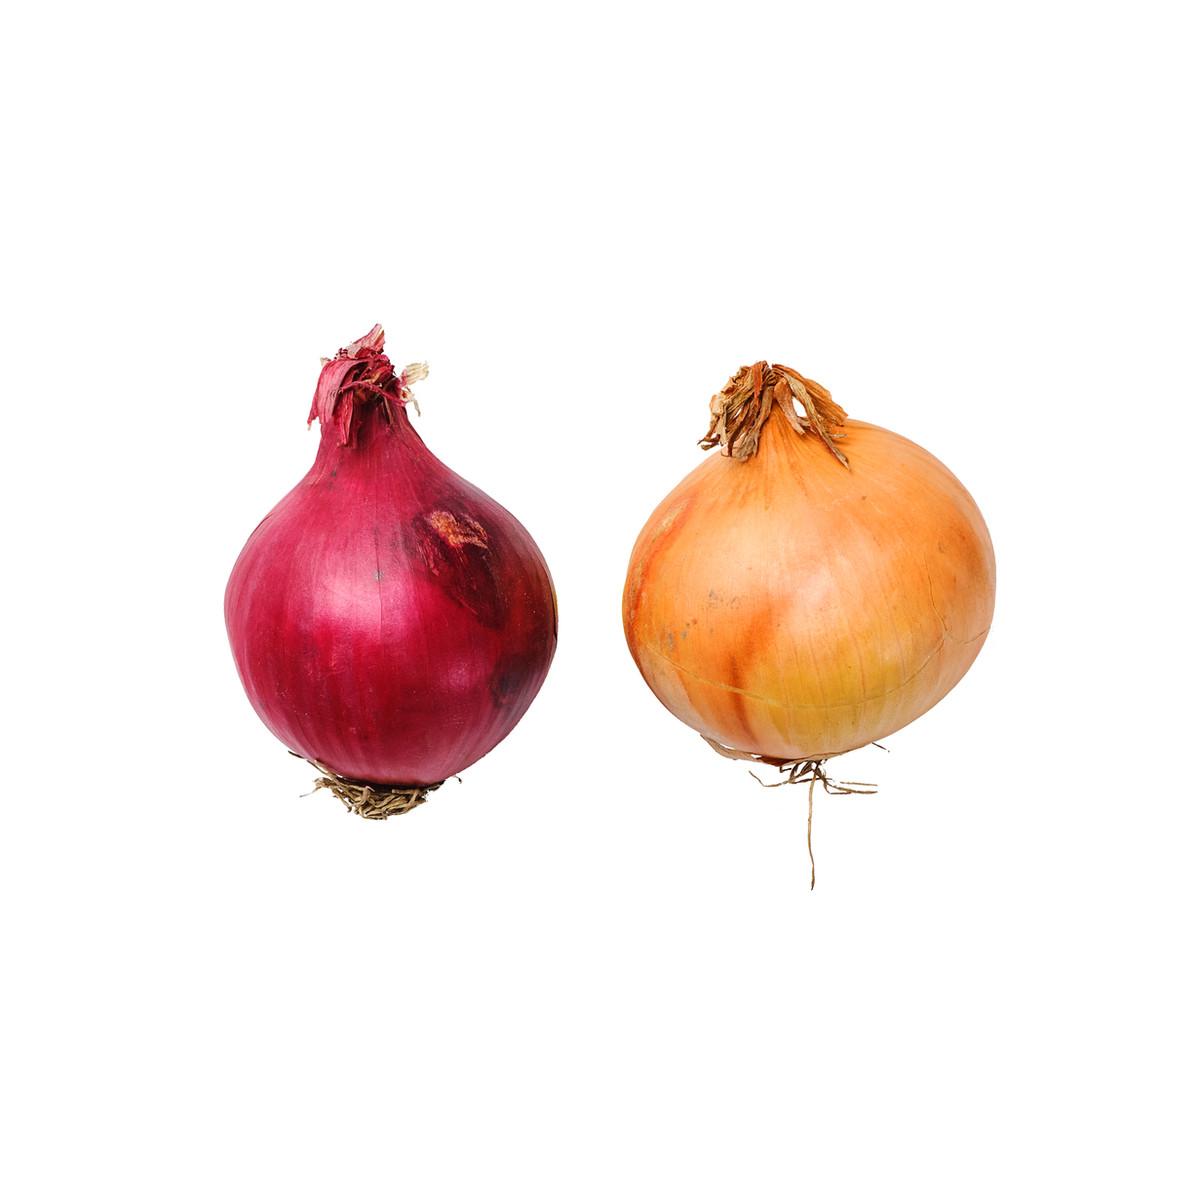 20200228_Gemüse:Obst_Freisteller_16.jpg